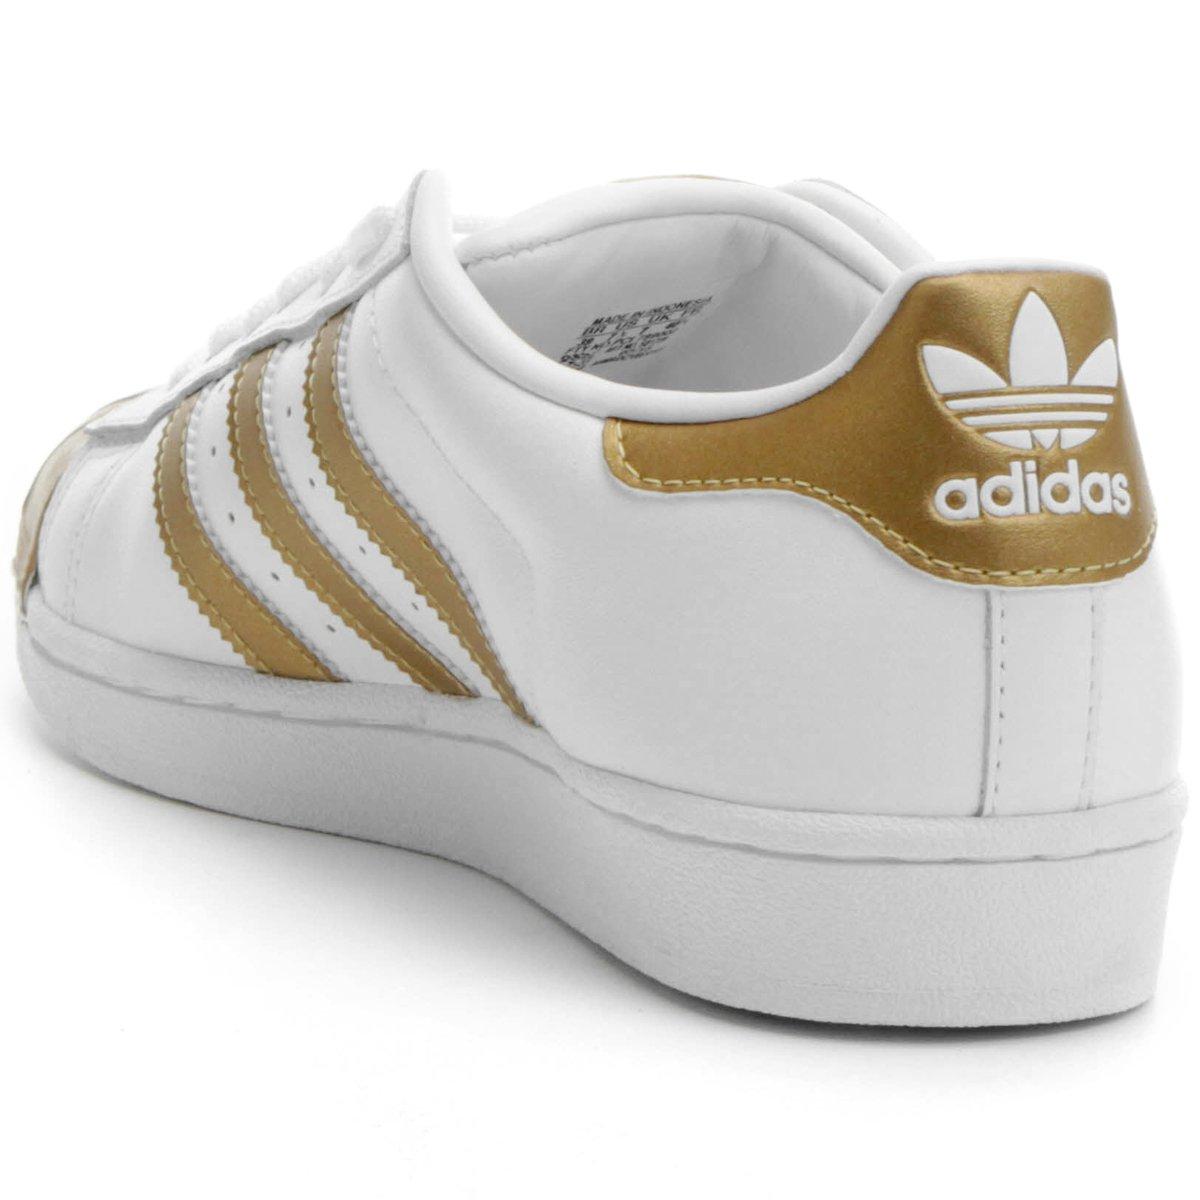 d096d73959 Tenis Adidas Infantil Branco Com Dourado - naturallycurlye.com